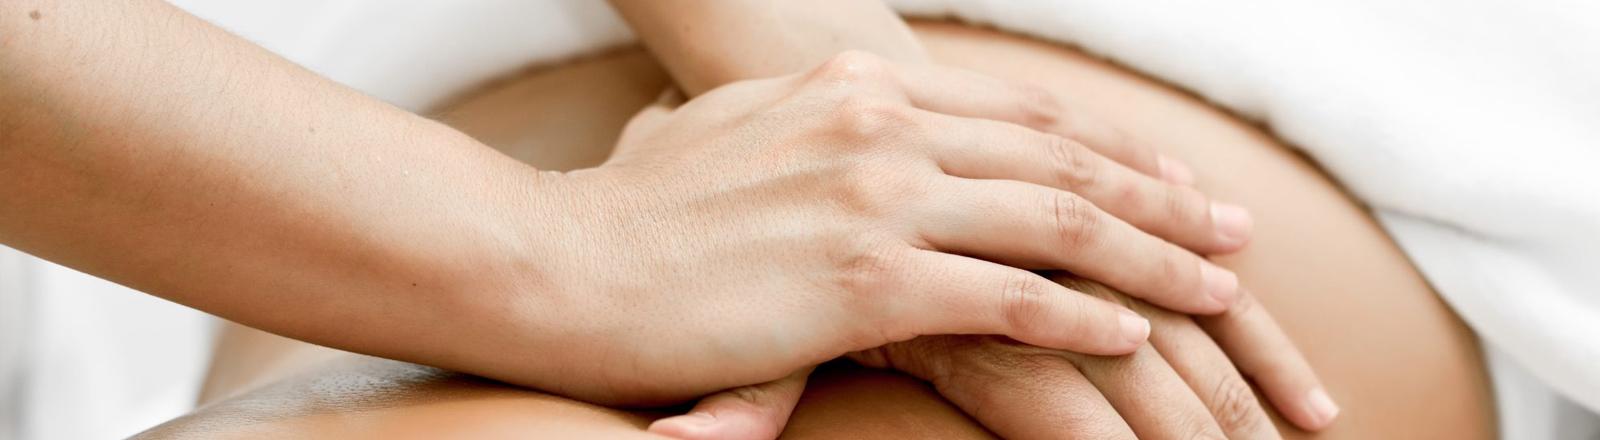 osteopatia fisioglobal bilbao